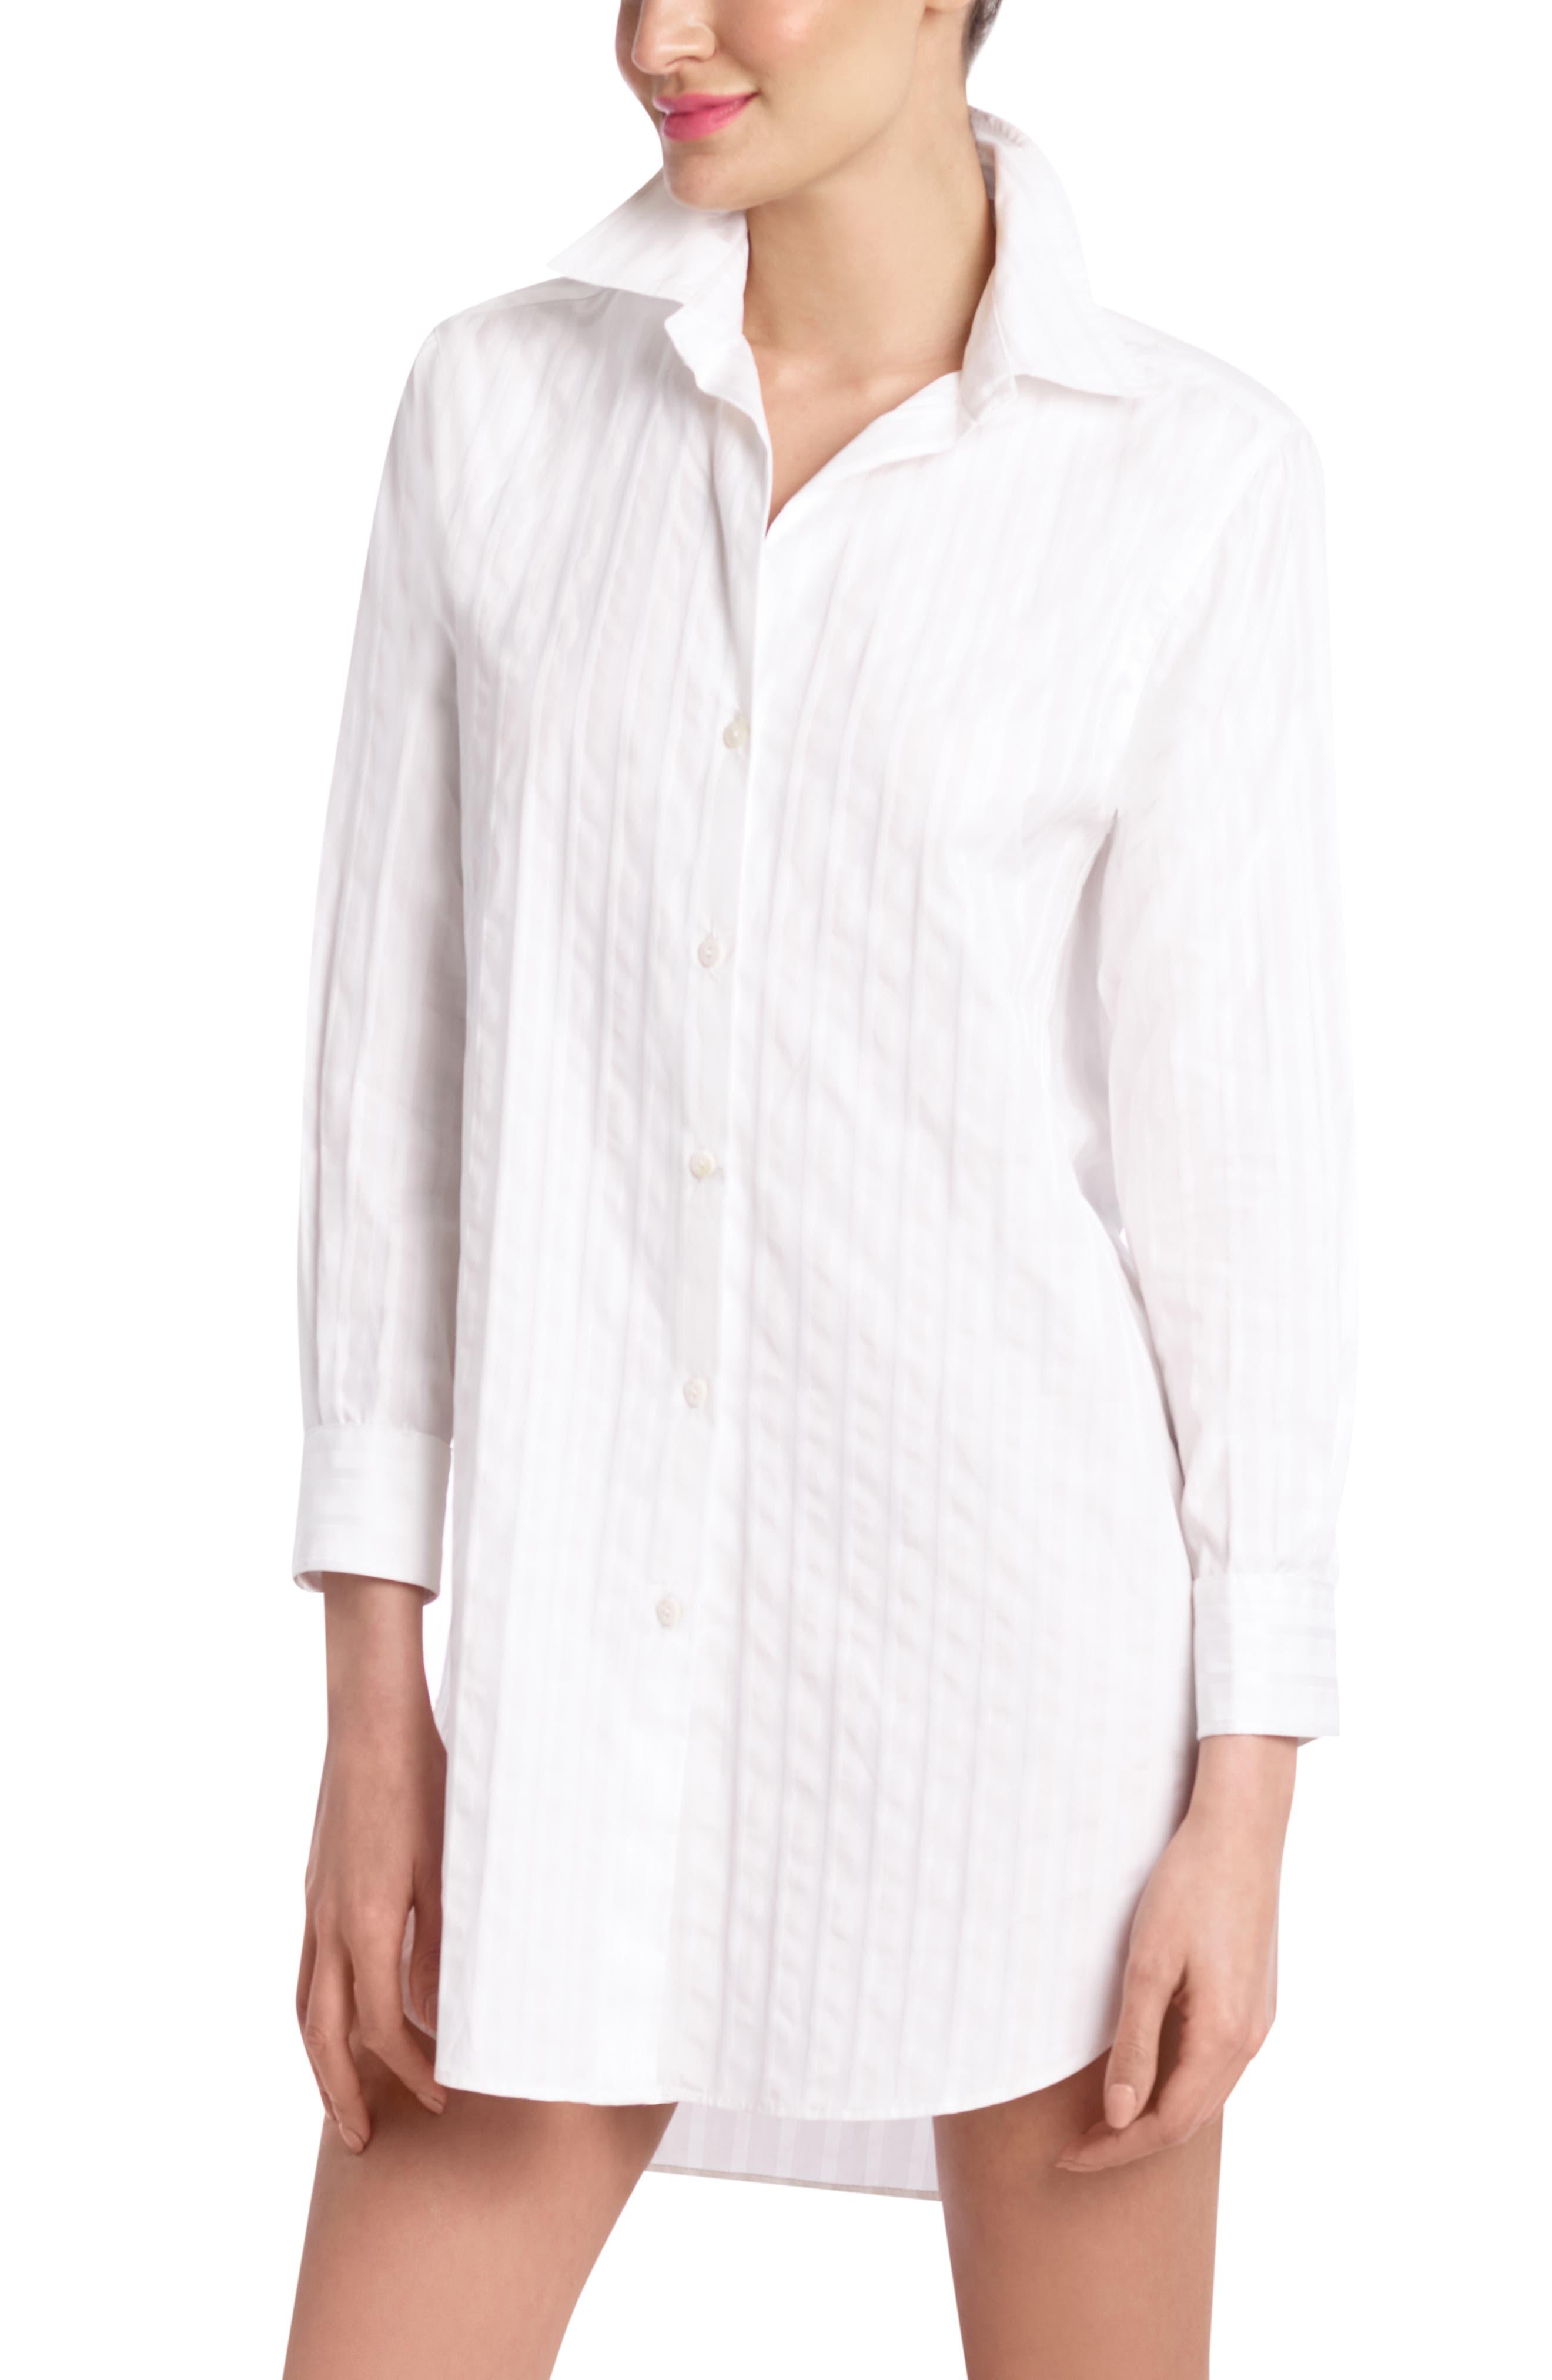 Stripe Oversize Sleep Shirt,                             Main thumbnail 1, color,                             JACQUARD STRIPE WHITE